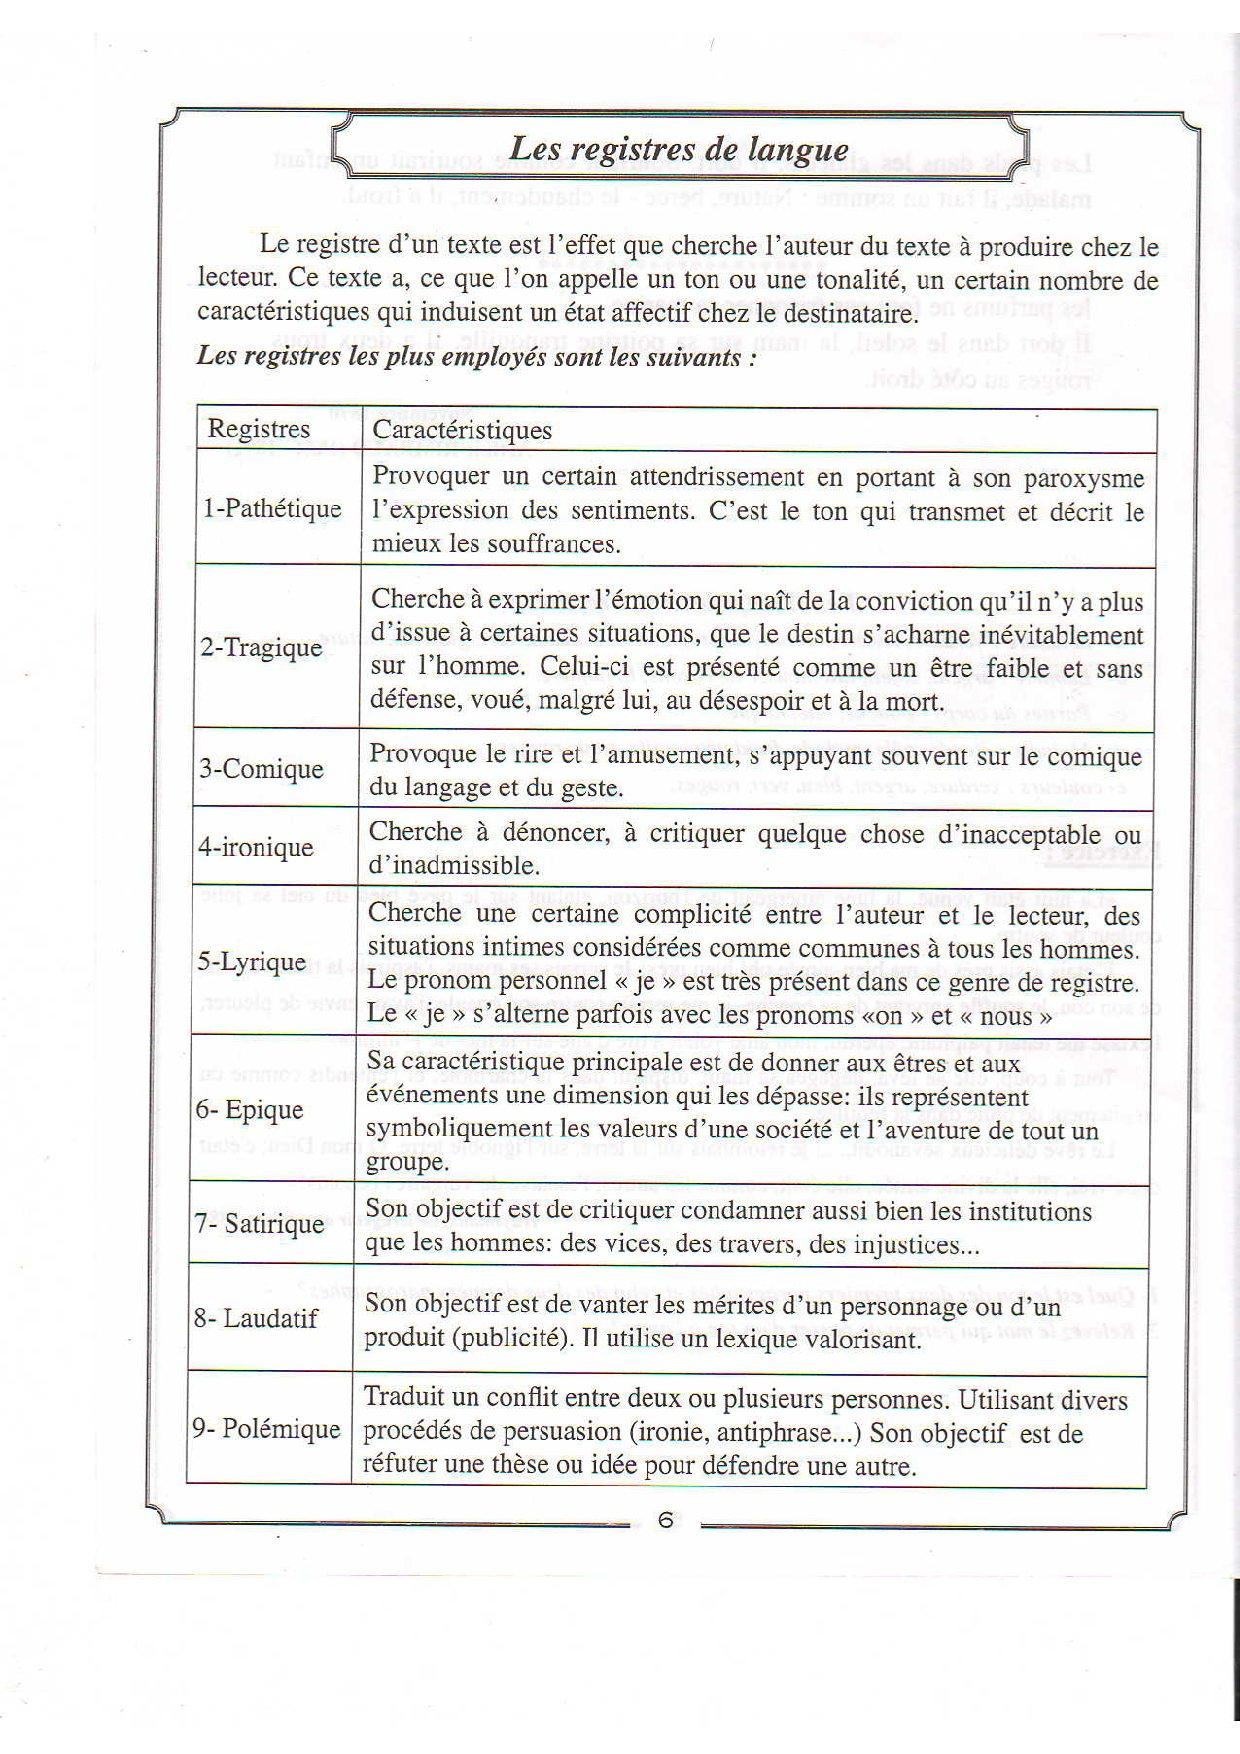 Les Registres De Langue Alloschool